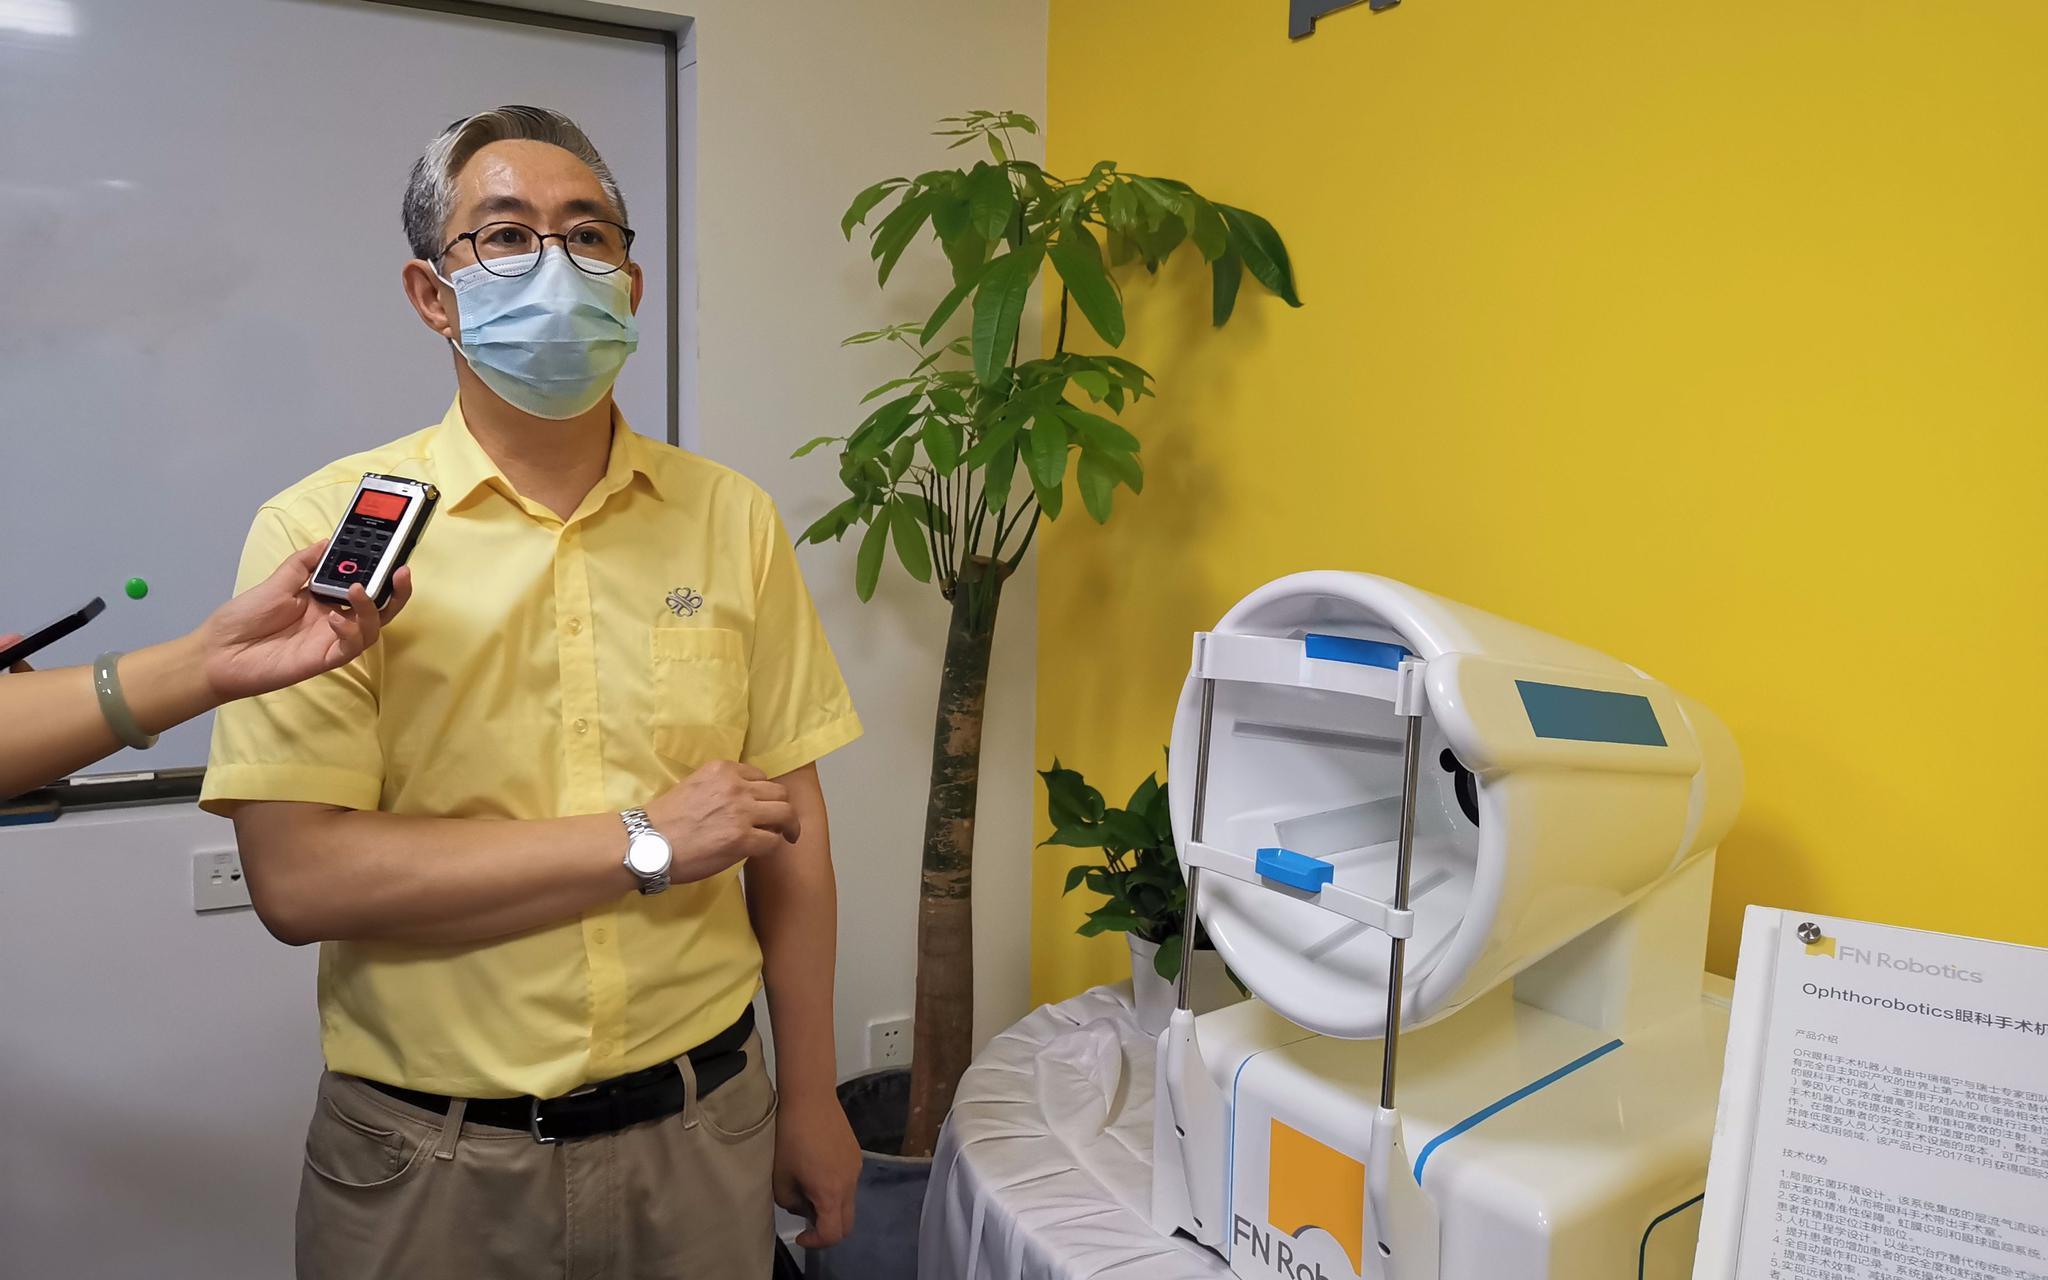 做眼科手术、检测样本,多款医疗机器人将在服贸会秀本领